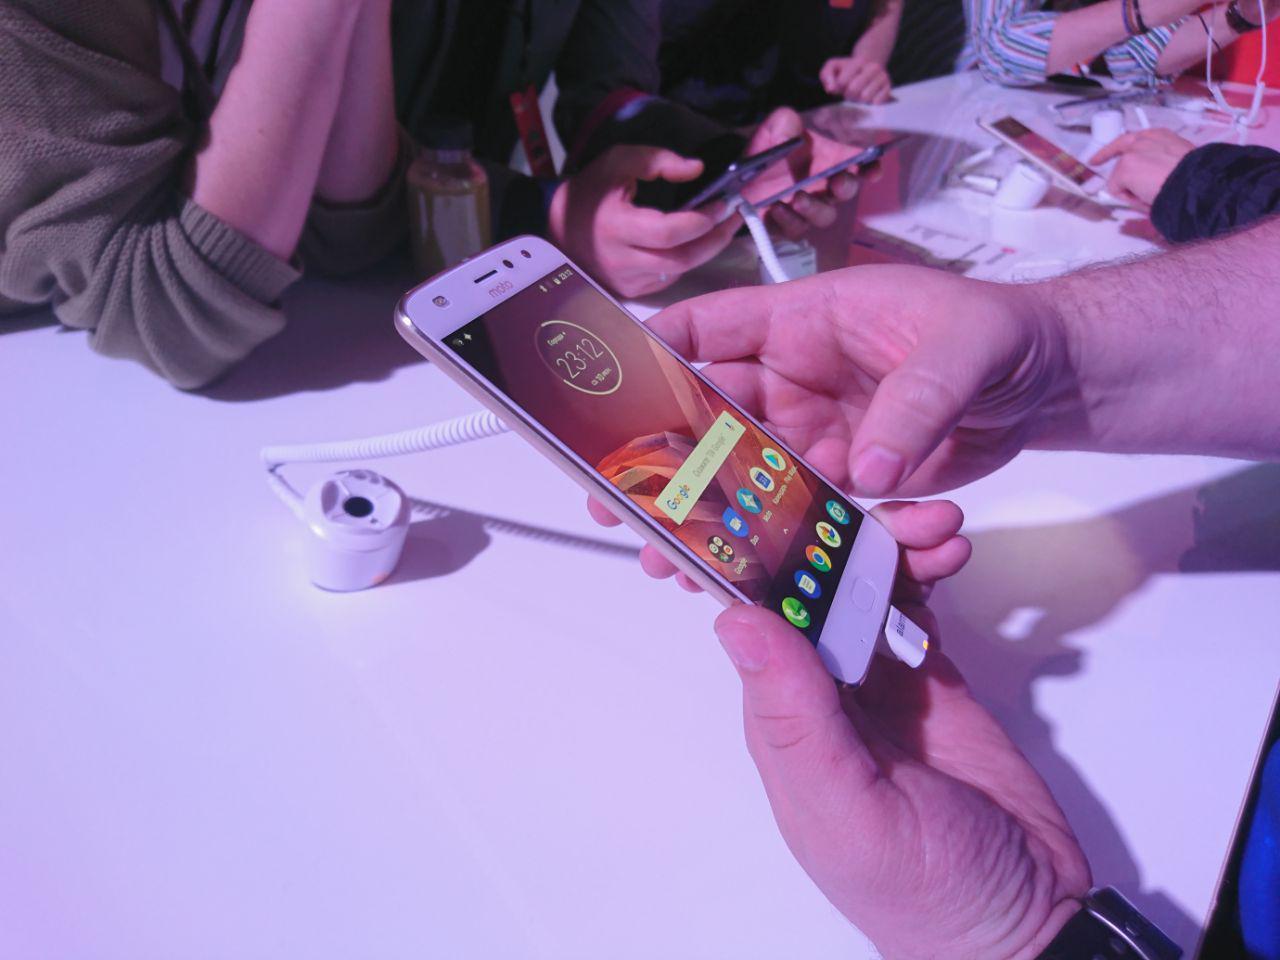 photo 2017 06 27 20 52 43 - Motorola Moto Z2 Play официально представлен в России